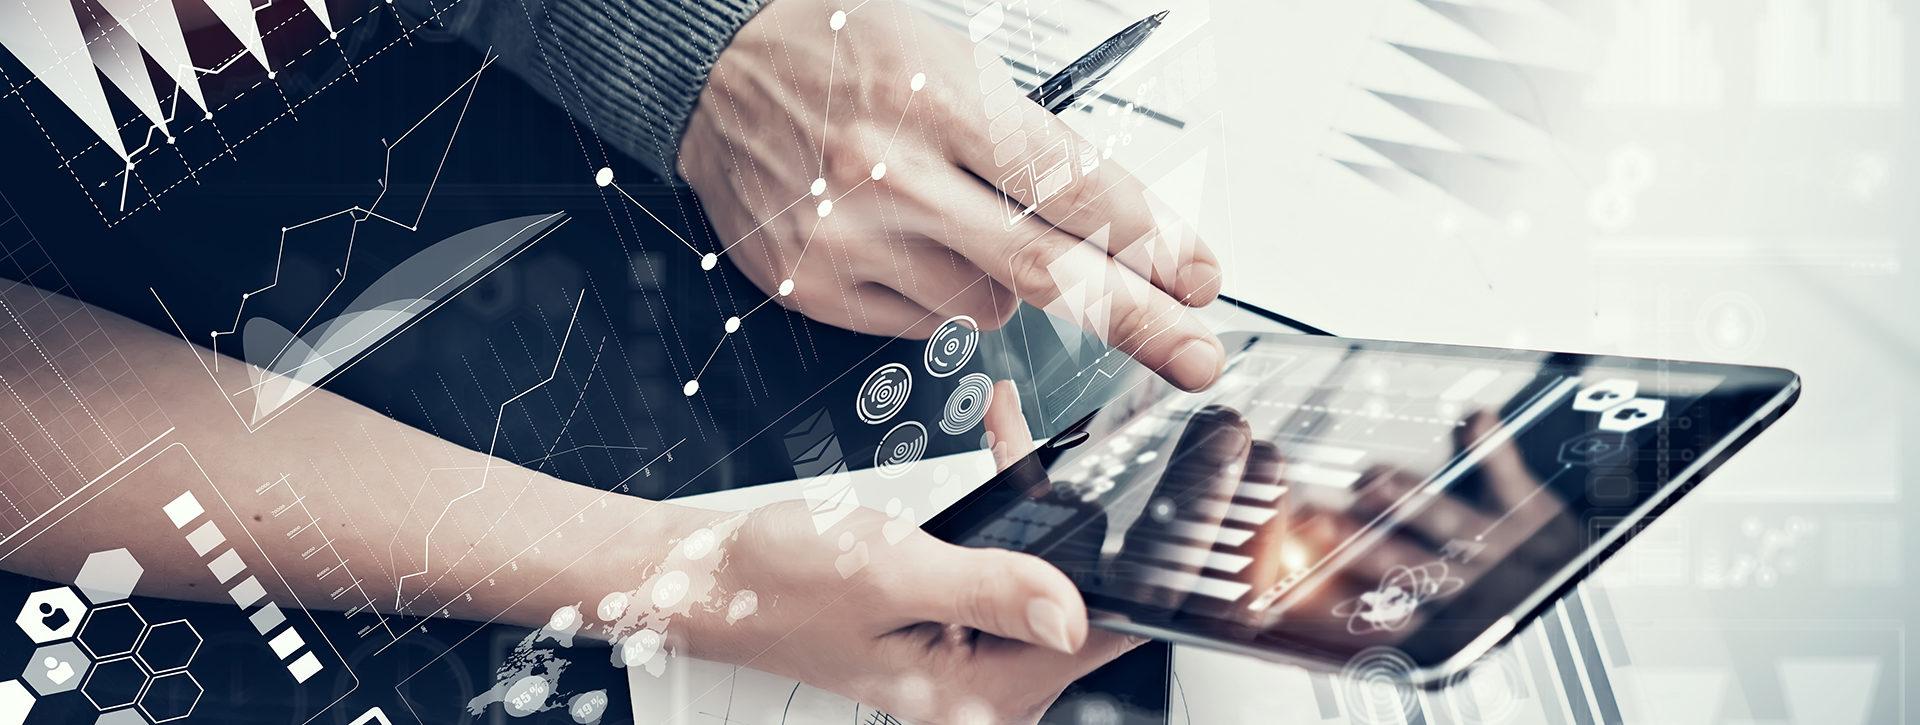 Digitaalisen liiketoiminnan kehittäjä erikoistumiskoulutus